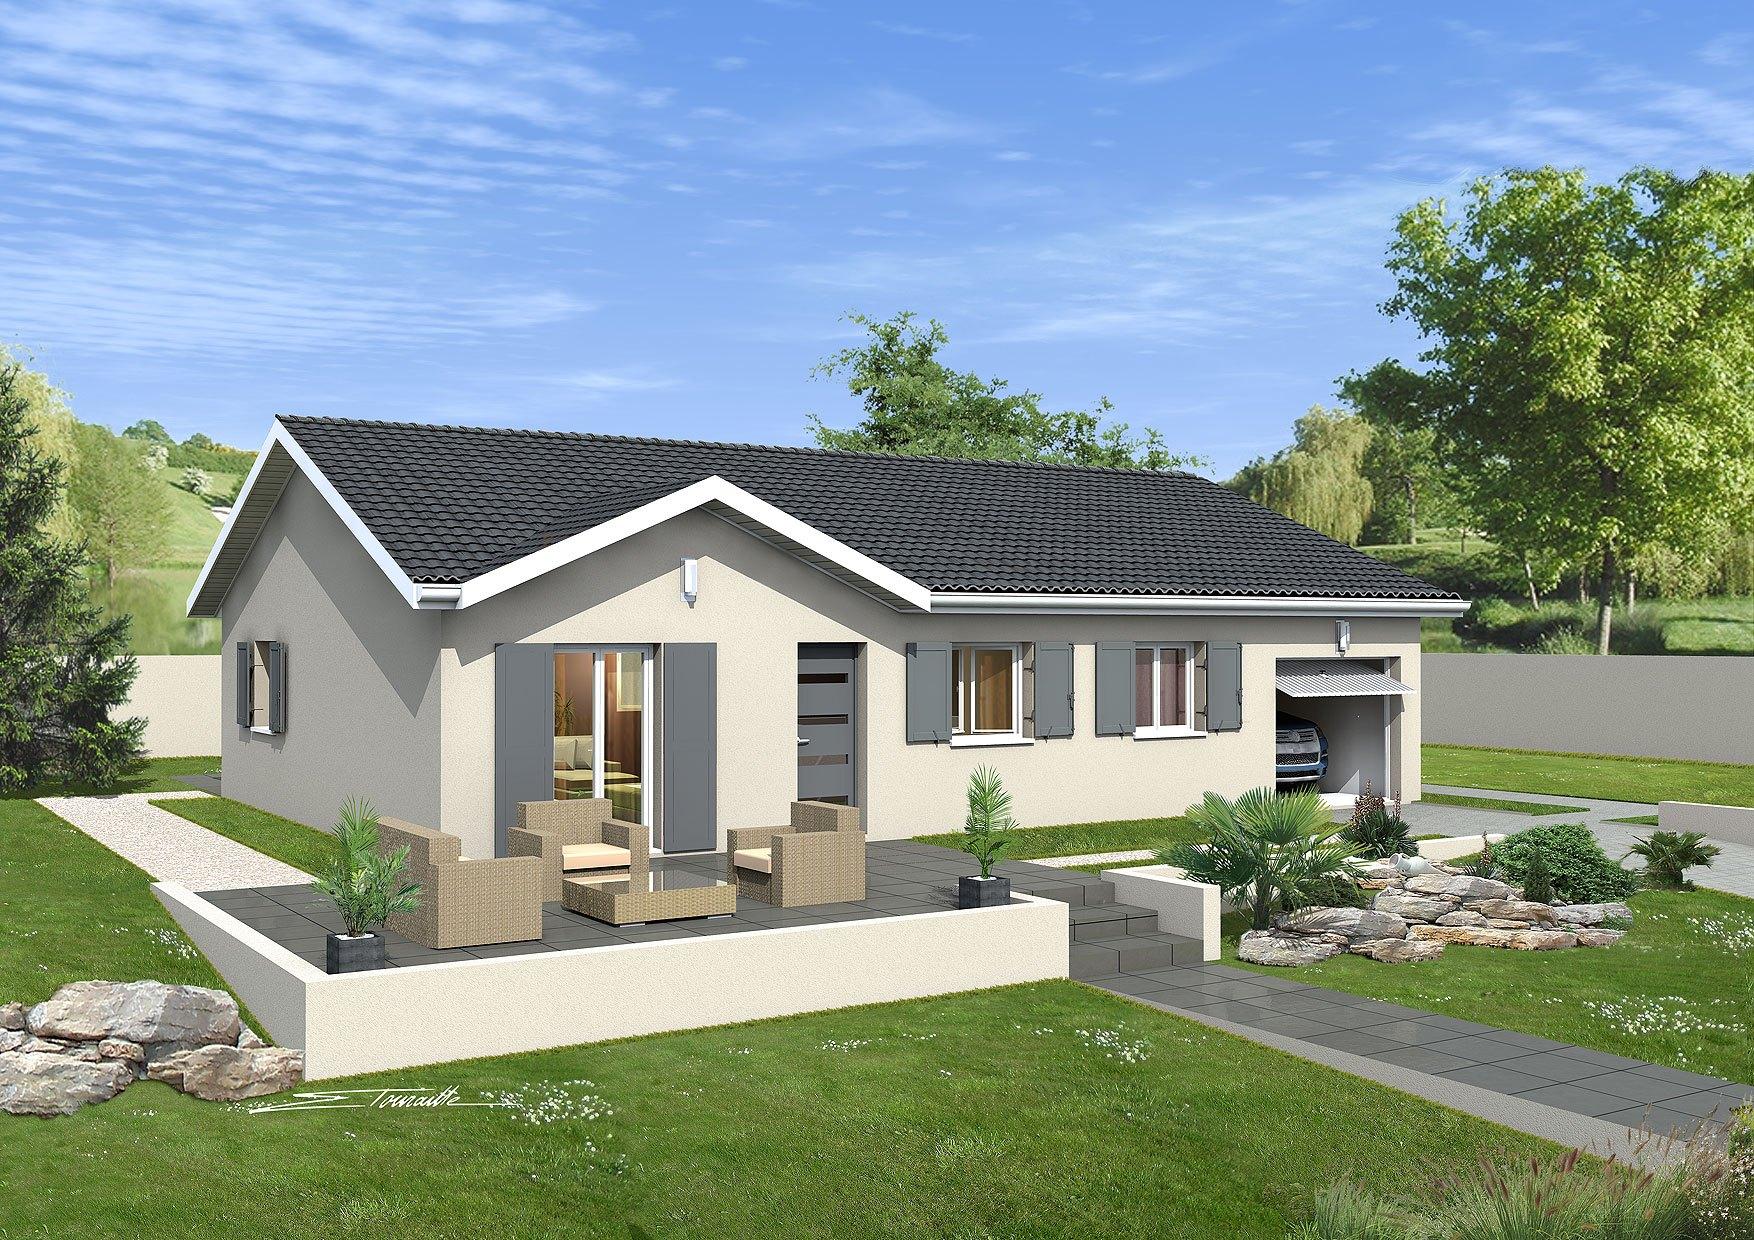 Maisons + Terrains du constructeur MAISONS PUNCH BOURGOIN • 89 m² • AOSTE